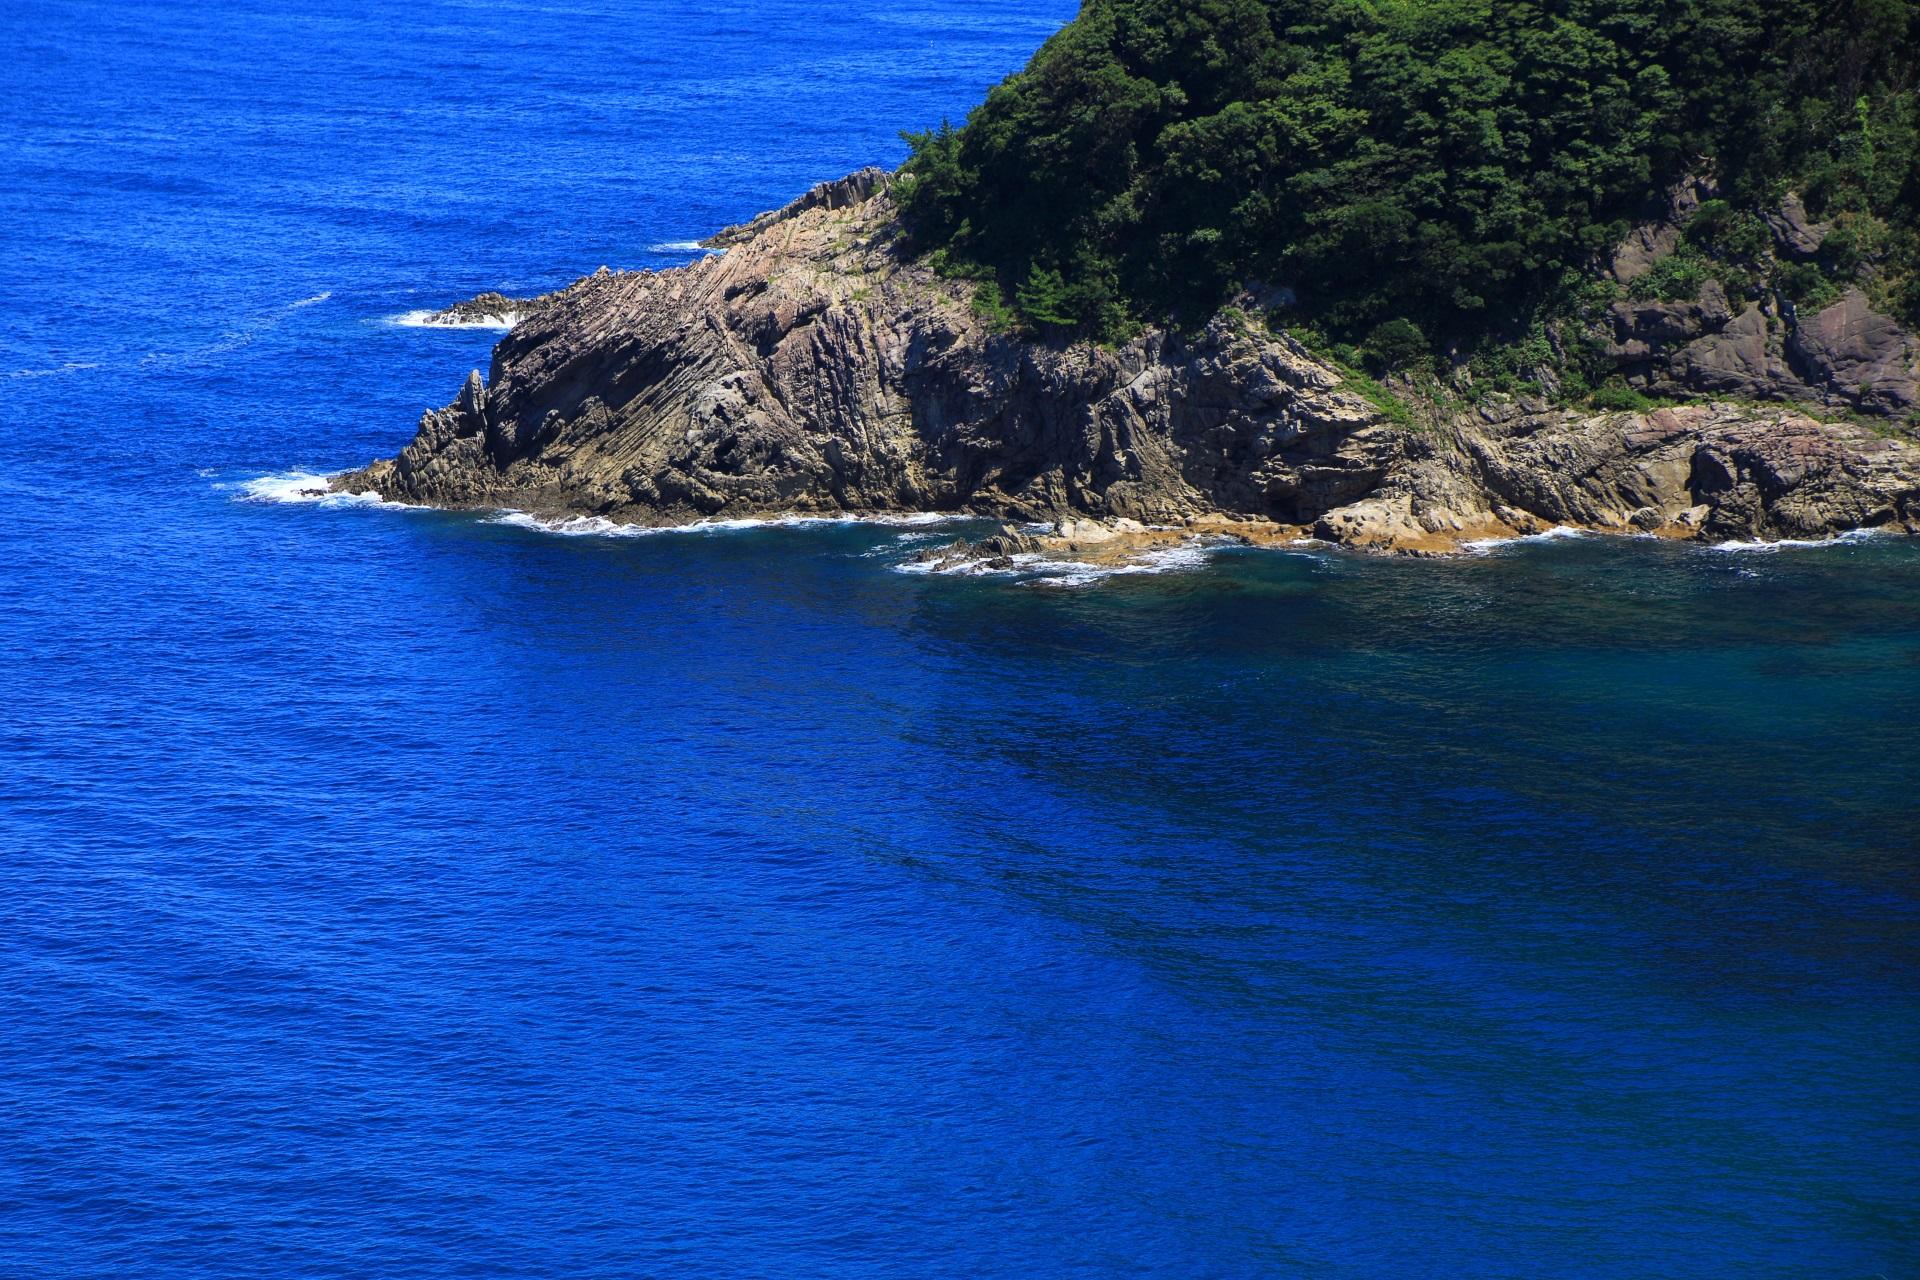 蒲入の長い年月をかけて削られた険しい岩場と綺麗な海